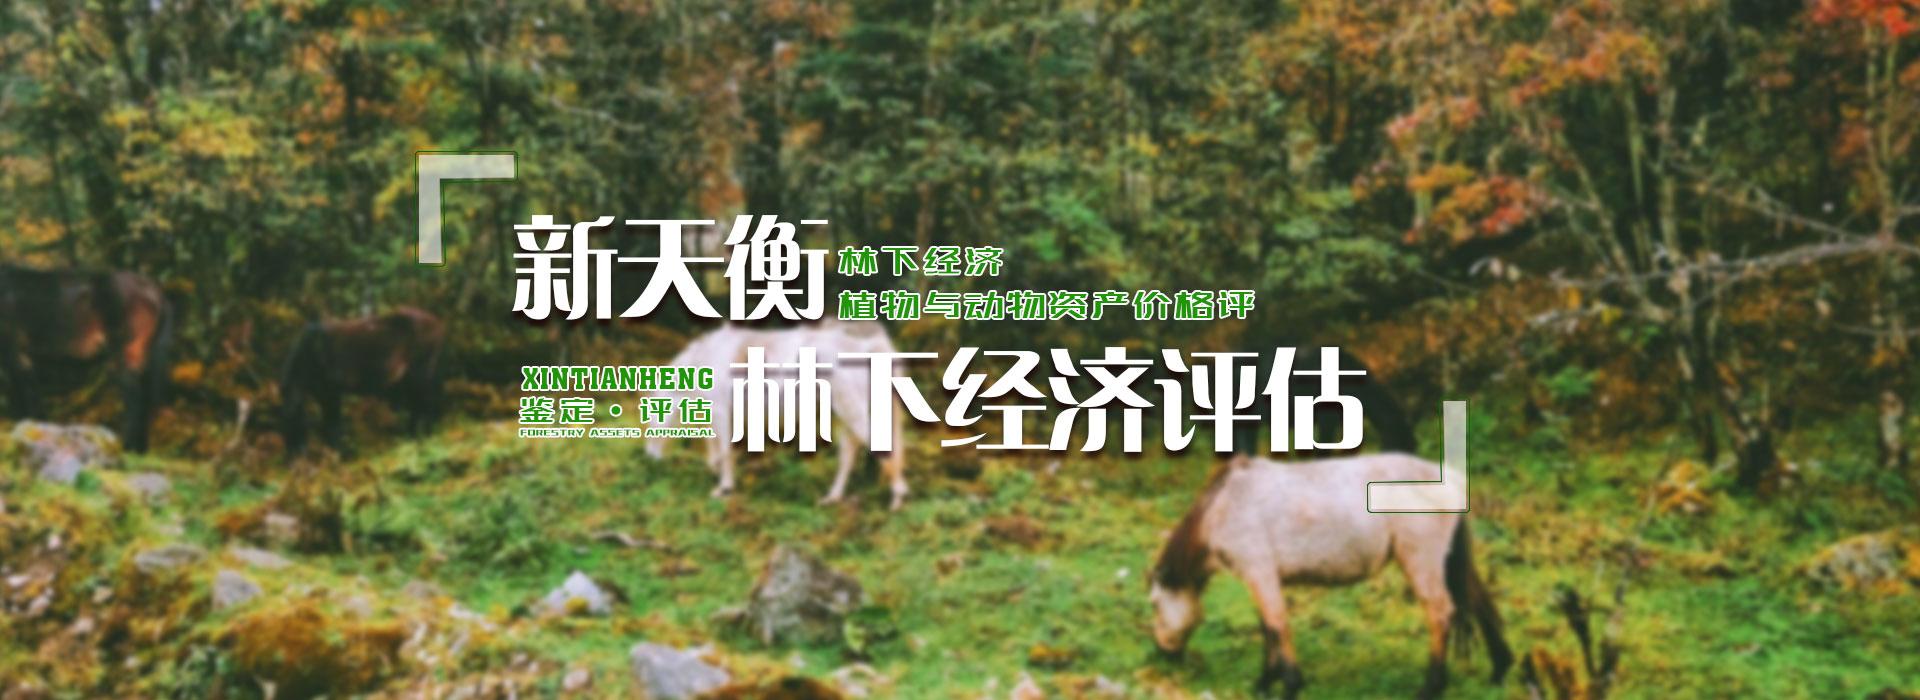 林下经济作物评估